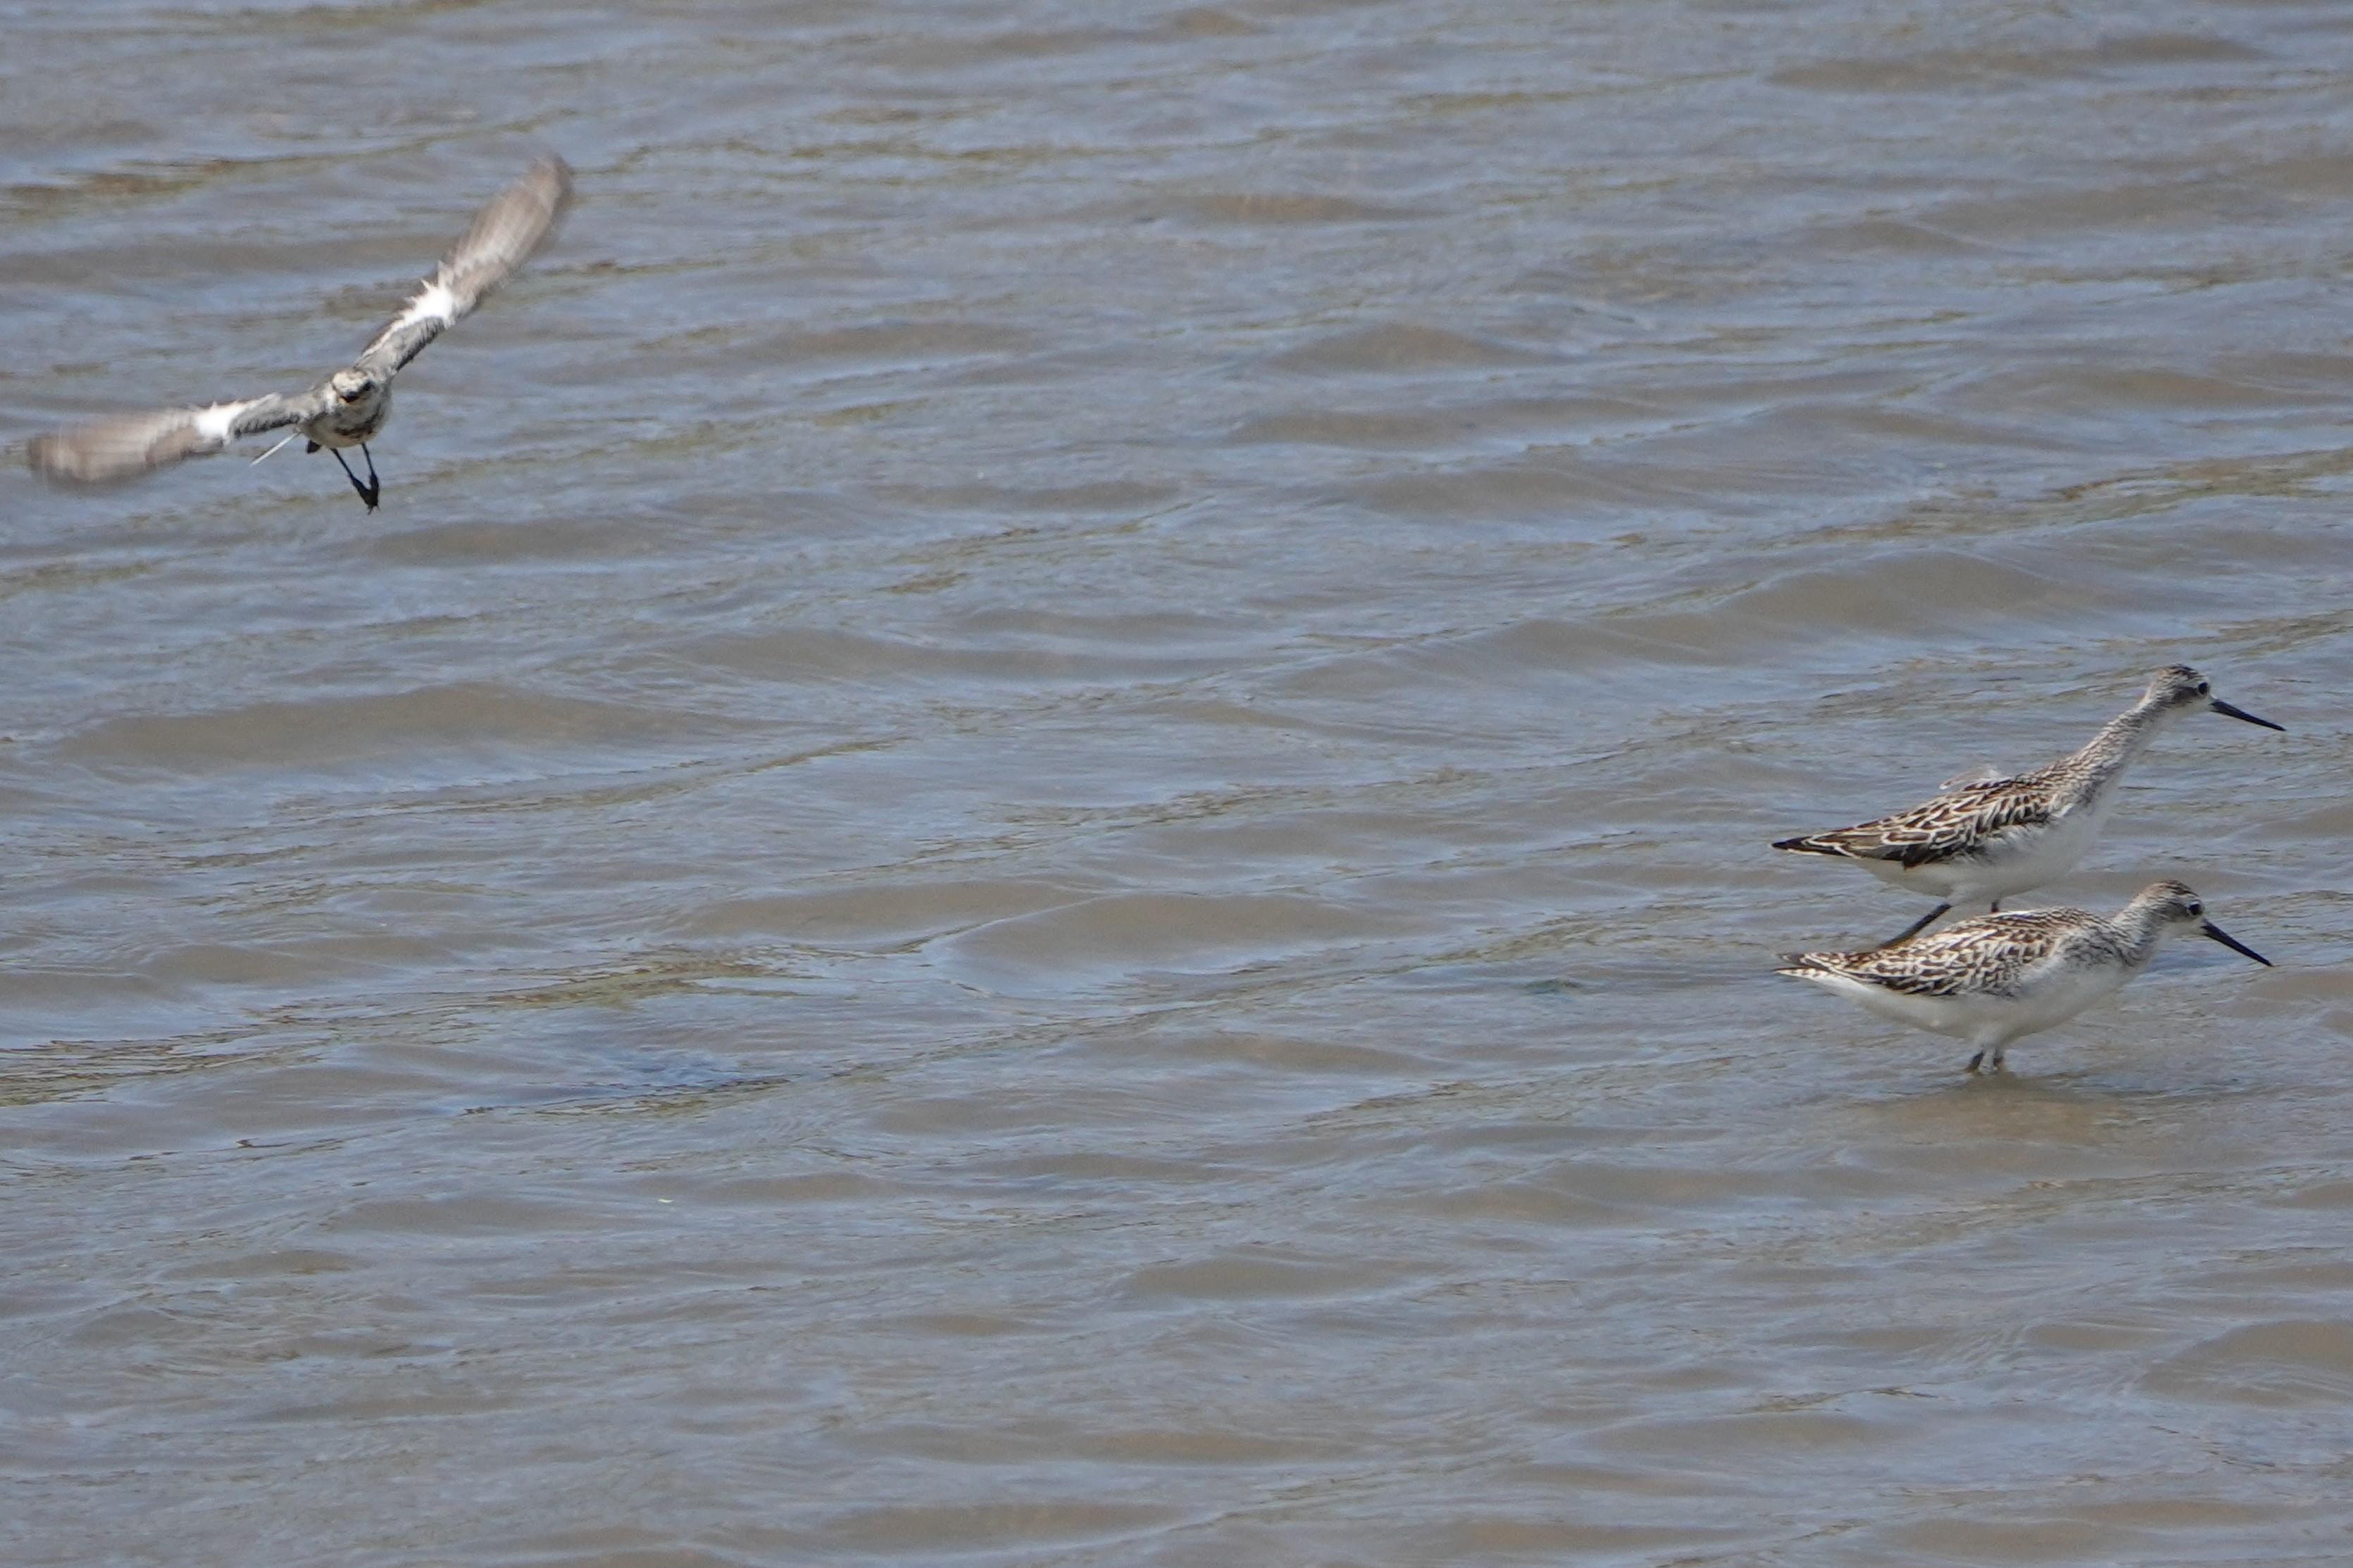 コアオアシシギ左の飛翔はわからず